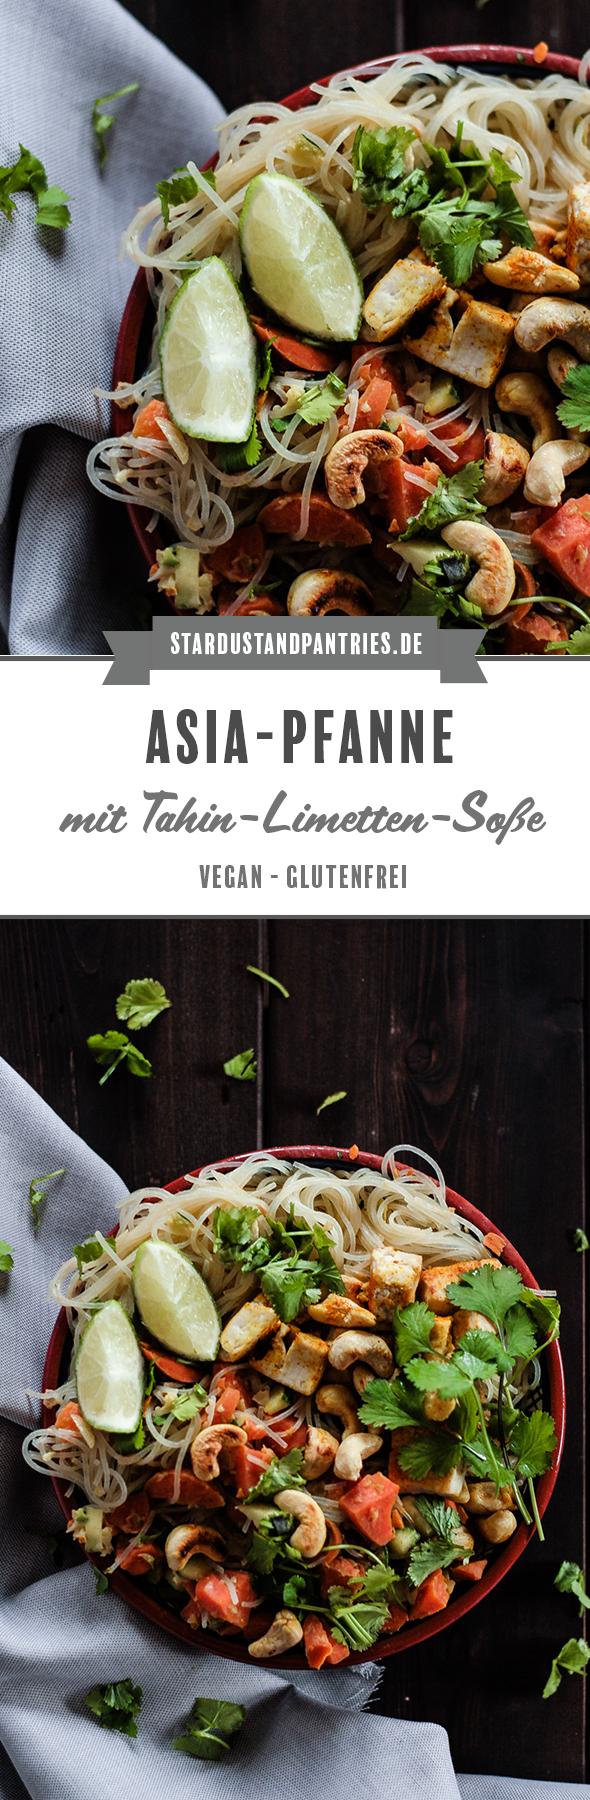 Asiatische Küche: Eine gesunde und sättigende Asia Pfanne mit knackigem Gemüse und Glasnudeln in leckerer Tahin-Limetten-Soße. Ein leckeres Abendessen unter der Woche! #Asiapfanne #Gemüsepfanne #Thai #asiatischeküche